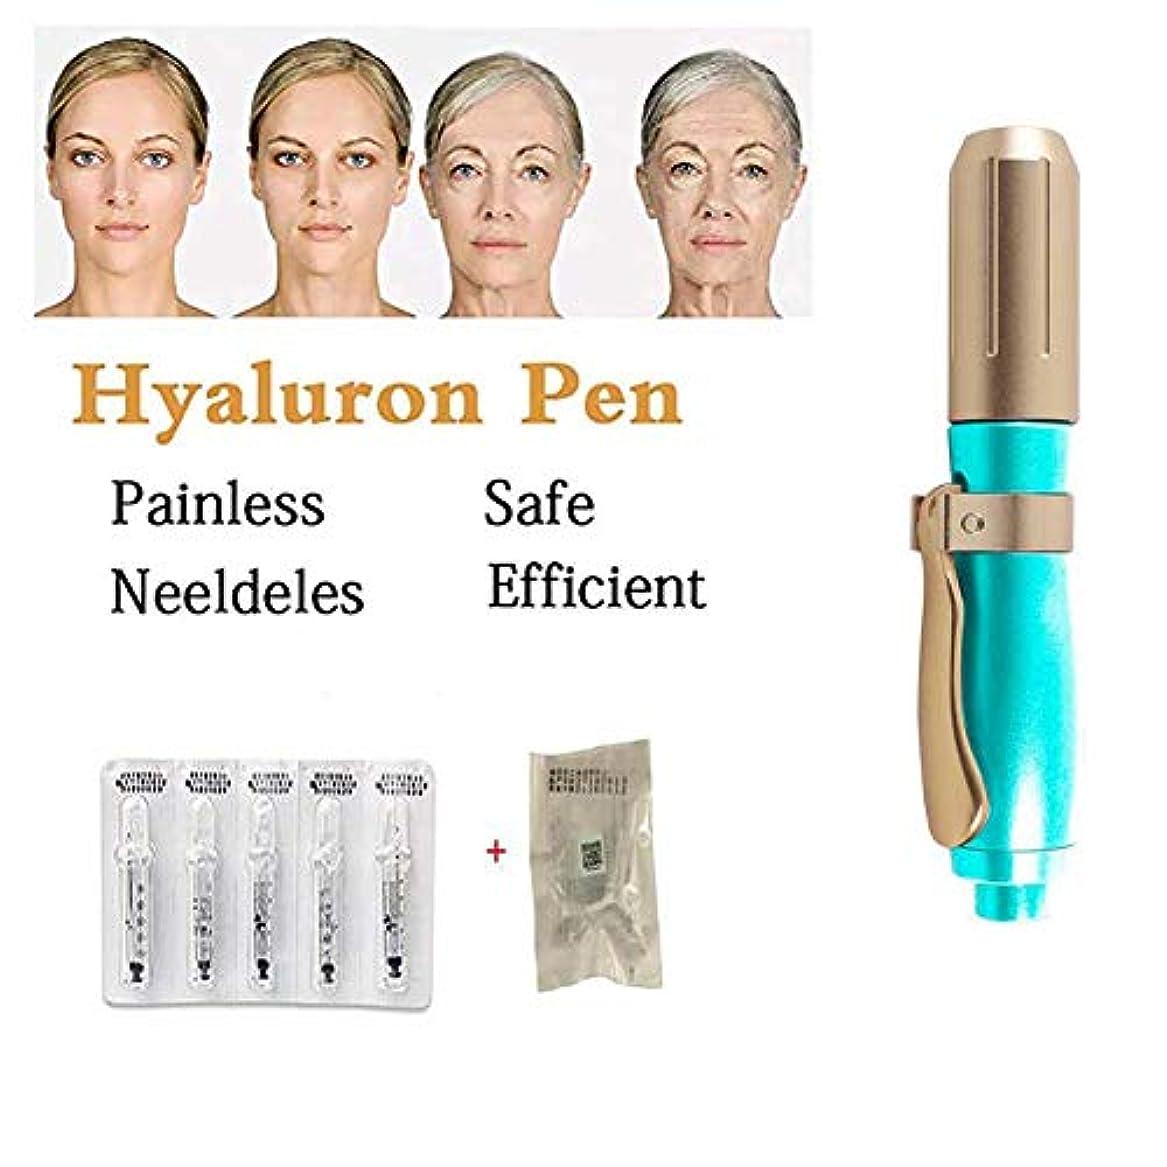 弓印象的死すべき携帯用非侵襲的な噴霧器、ヒアルロン酸の注入のペンのヒアルロンのペンの高圧酸銃の反しわ水美機械